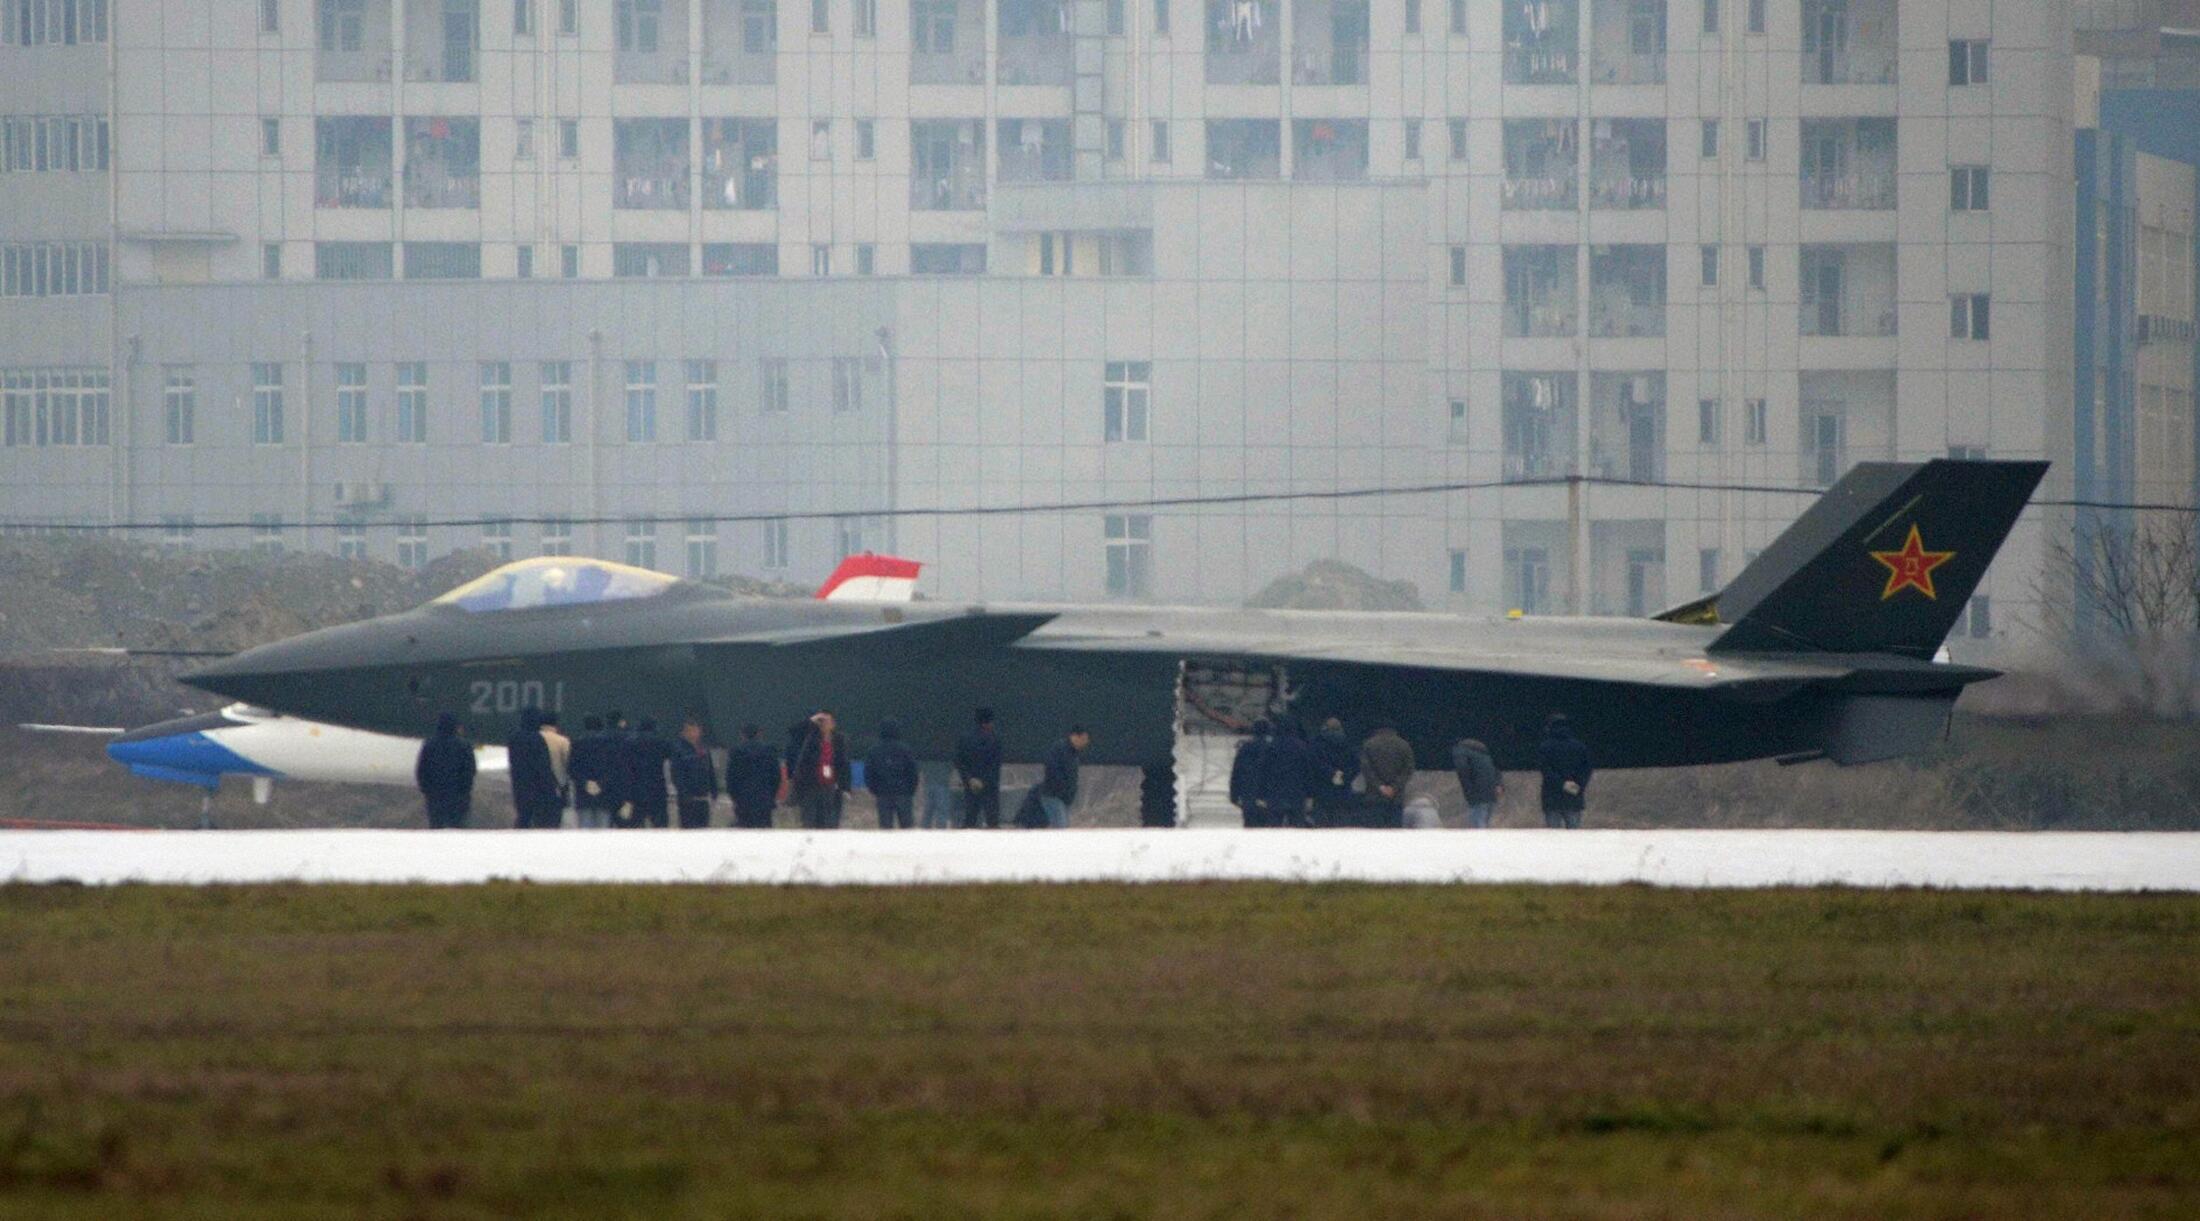 Máy bay chiến đấu tàng hình J-20  xuất hiện hôm 5/01/2001, biểu tượng của quá trình hiện đại hóa quân sự của Trung Quốc